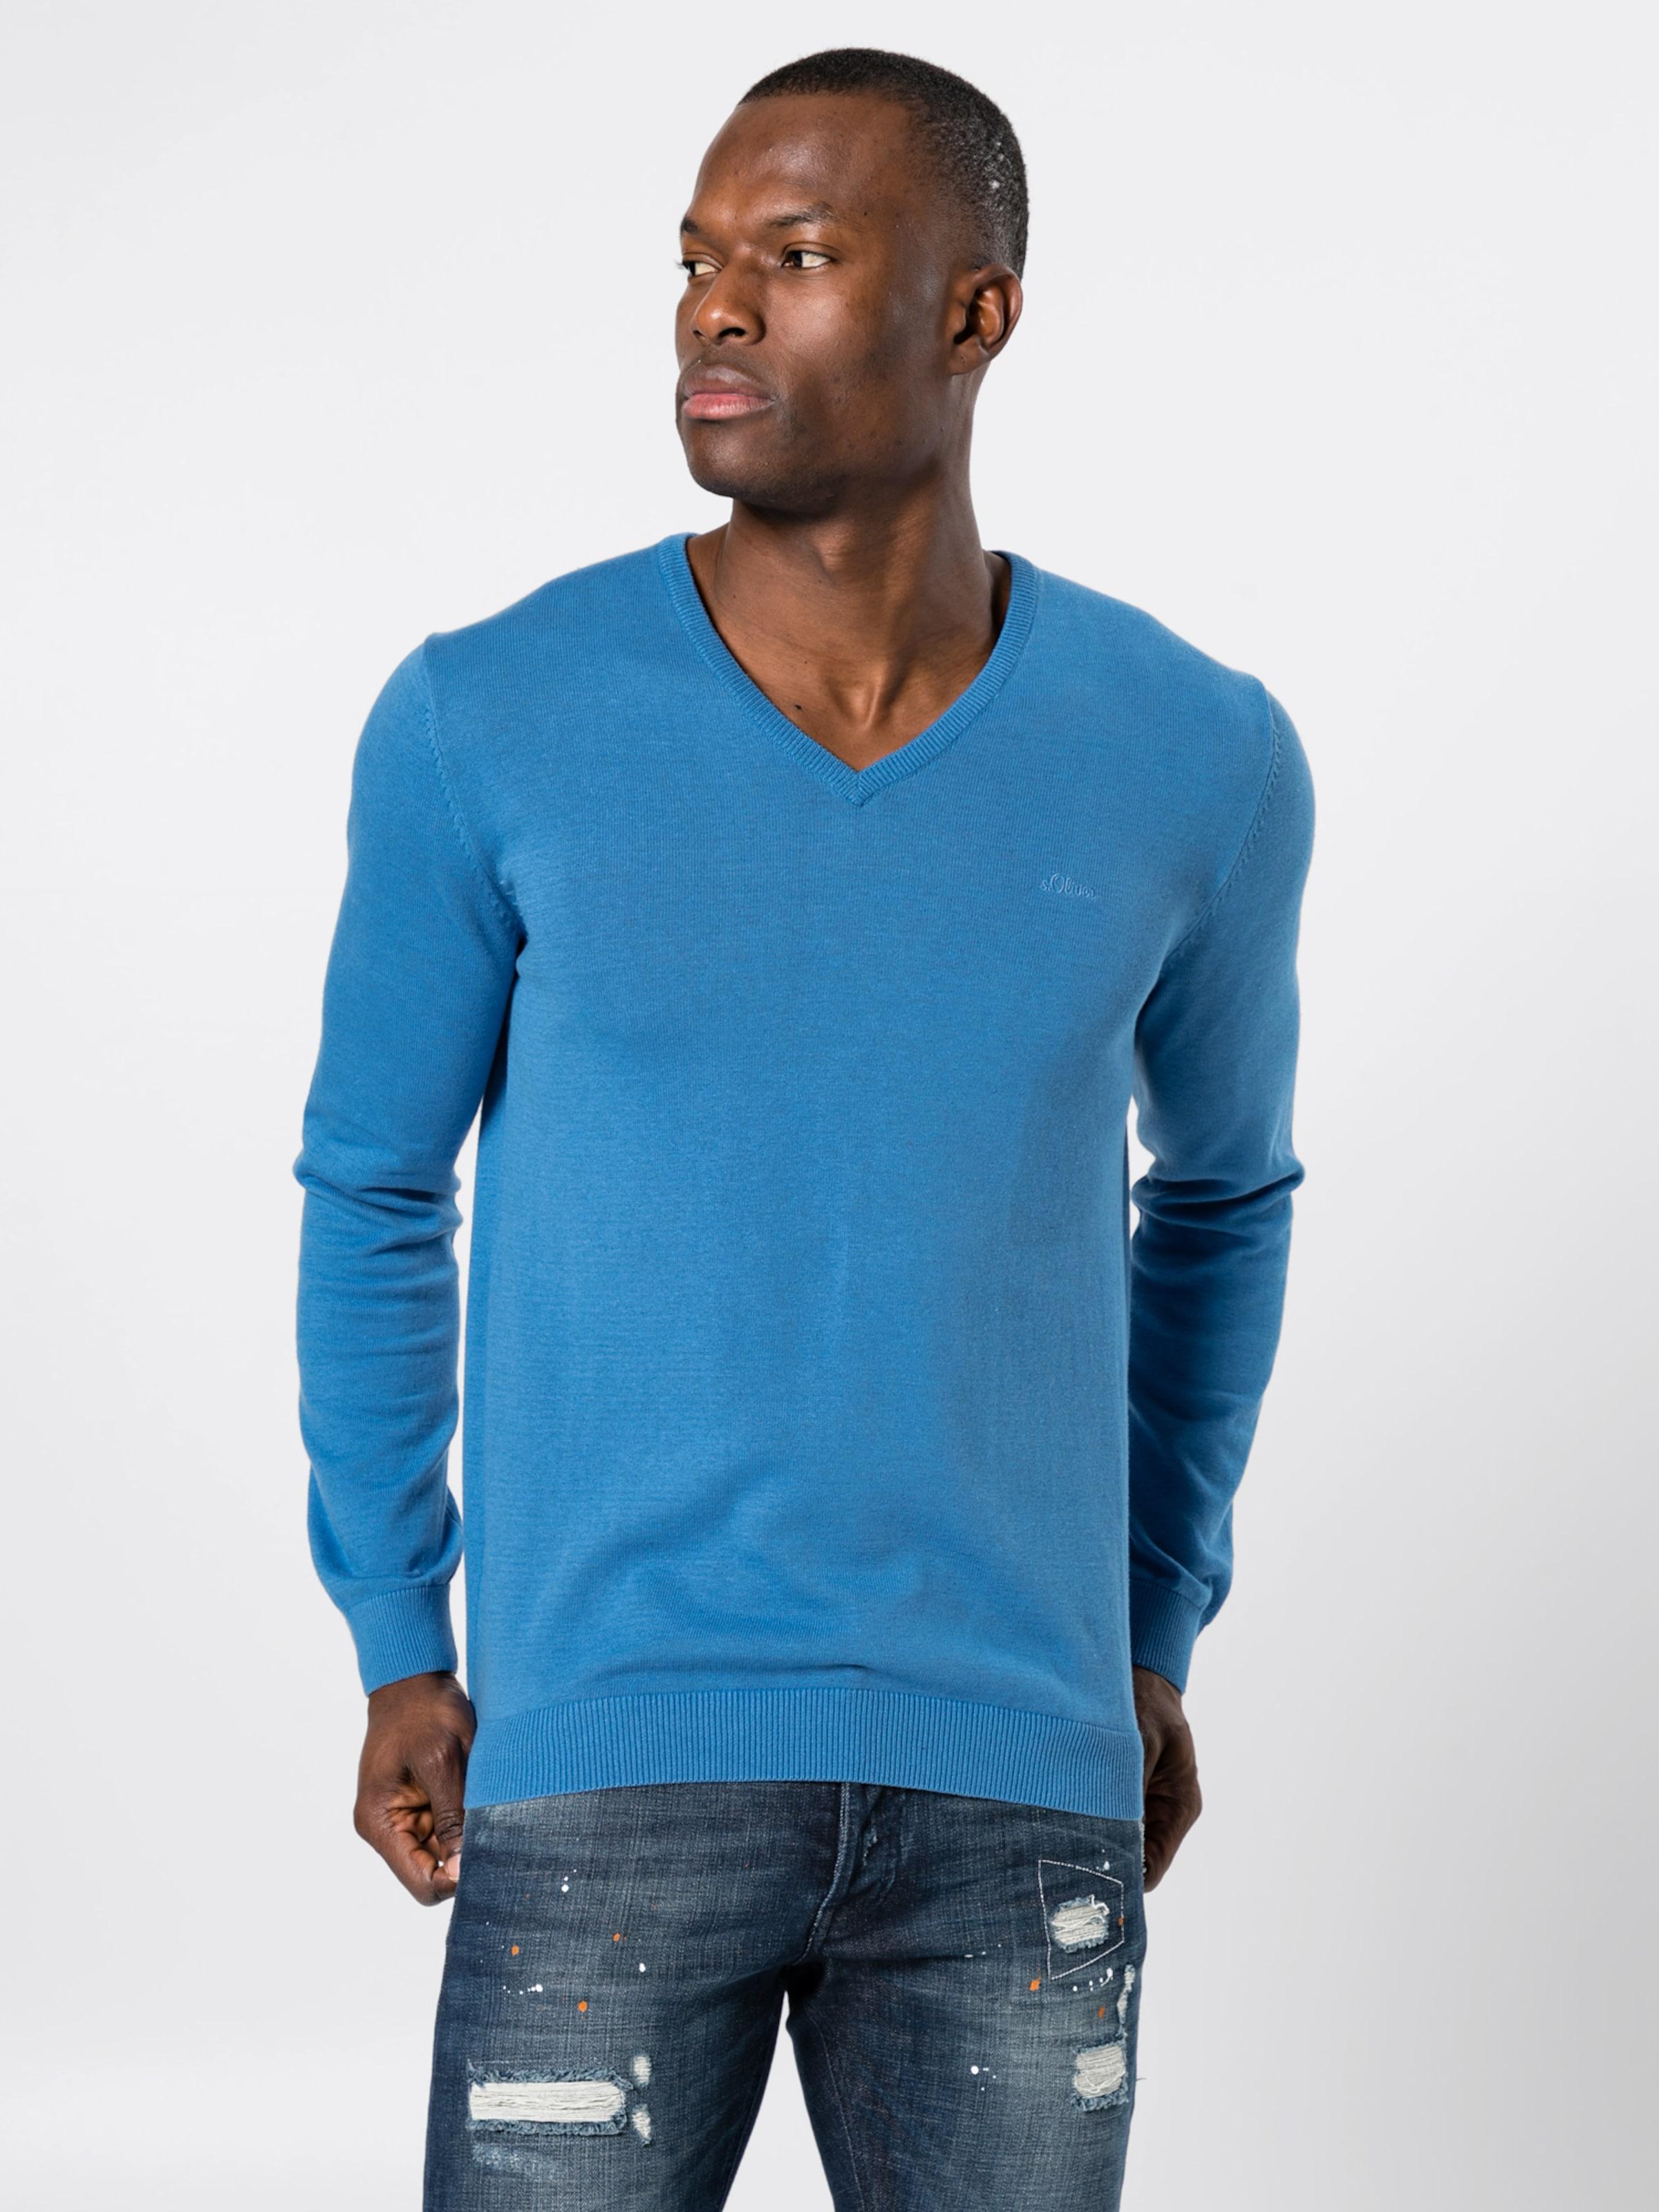 Pullover In S Pullover oliver oliver S Blau Blau In uFc3JT1lK